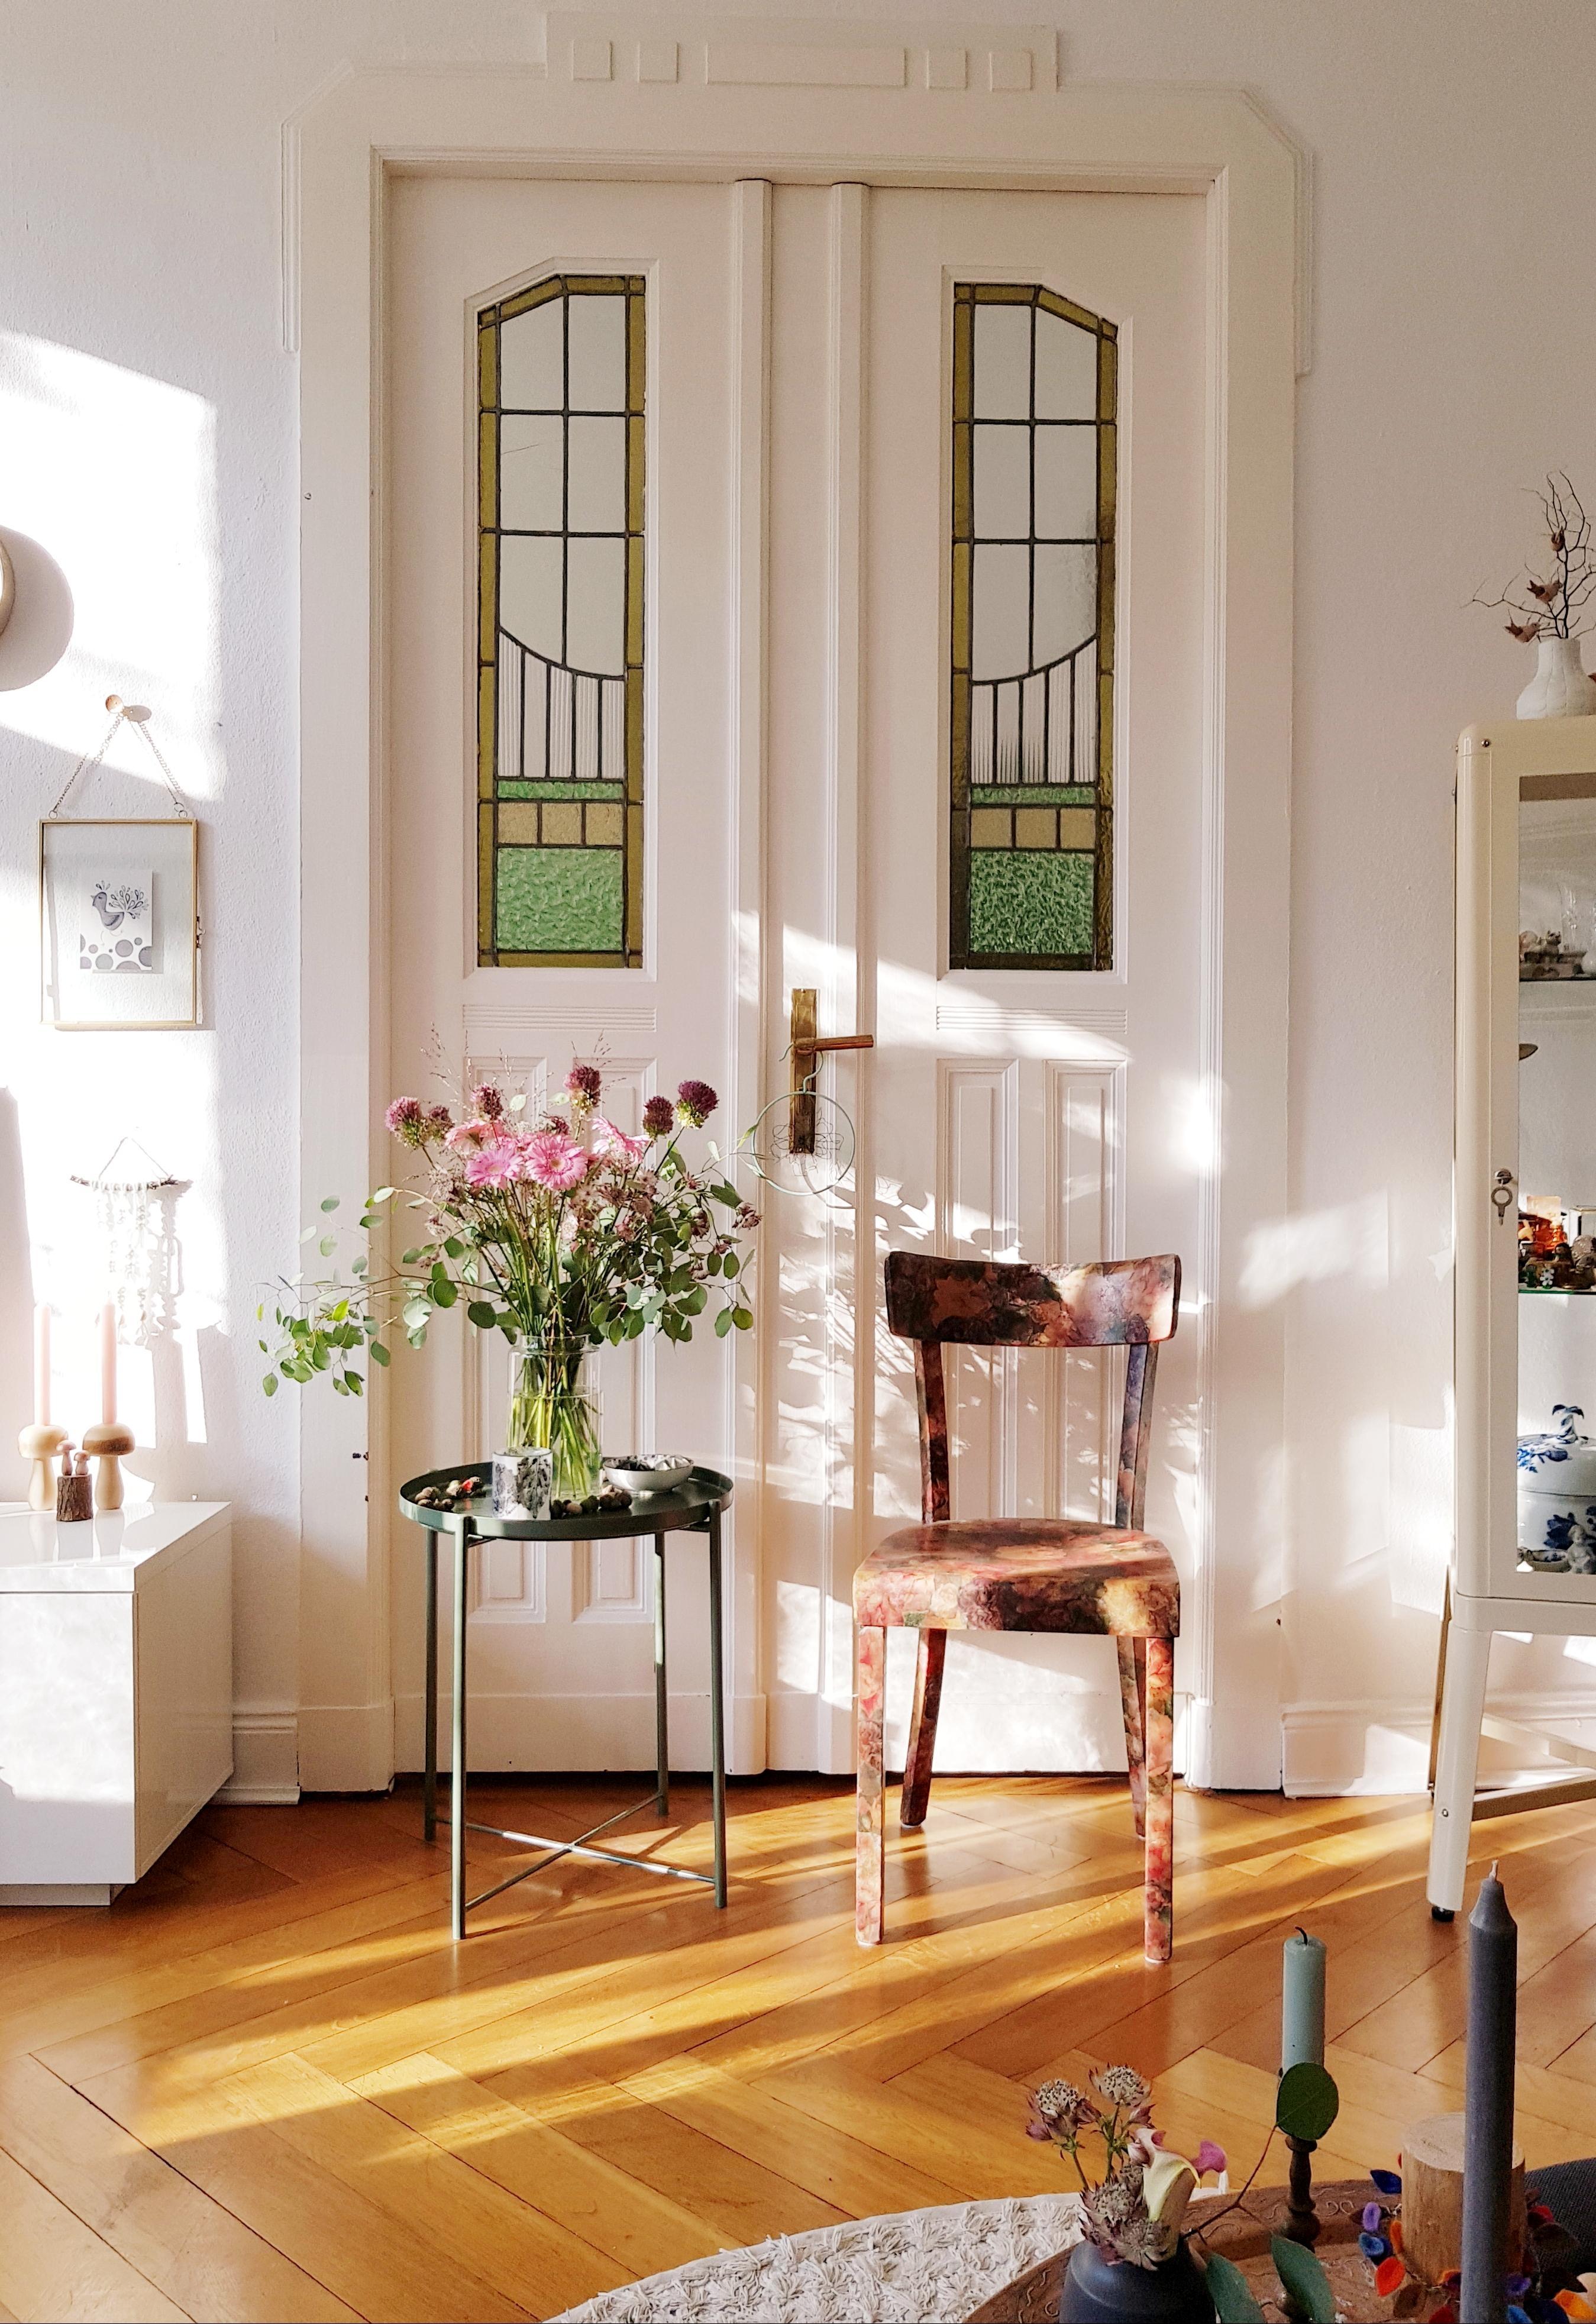 Attraktiv Wohnzimmergestaltung Ideen Sammlung Von Nichts Neues Nur Frische Blumen Zum Freshflowerfriday